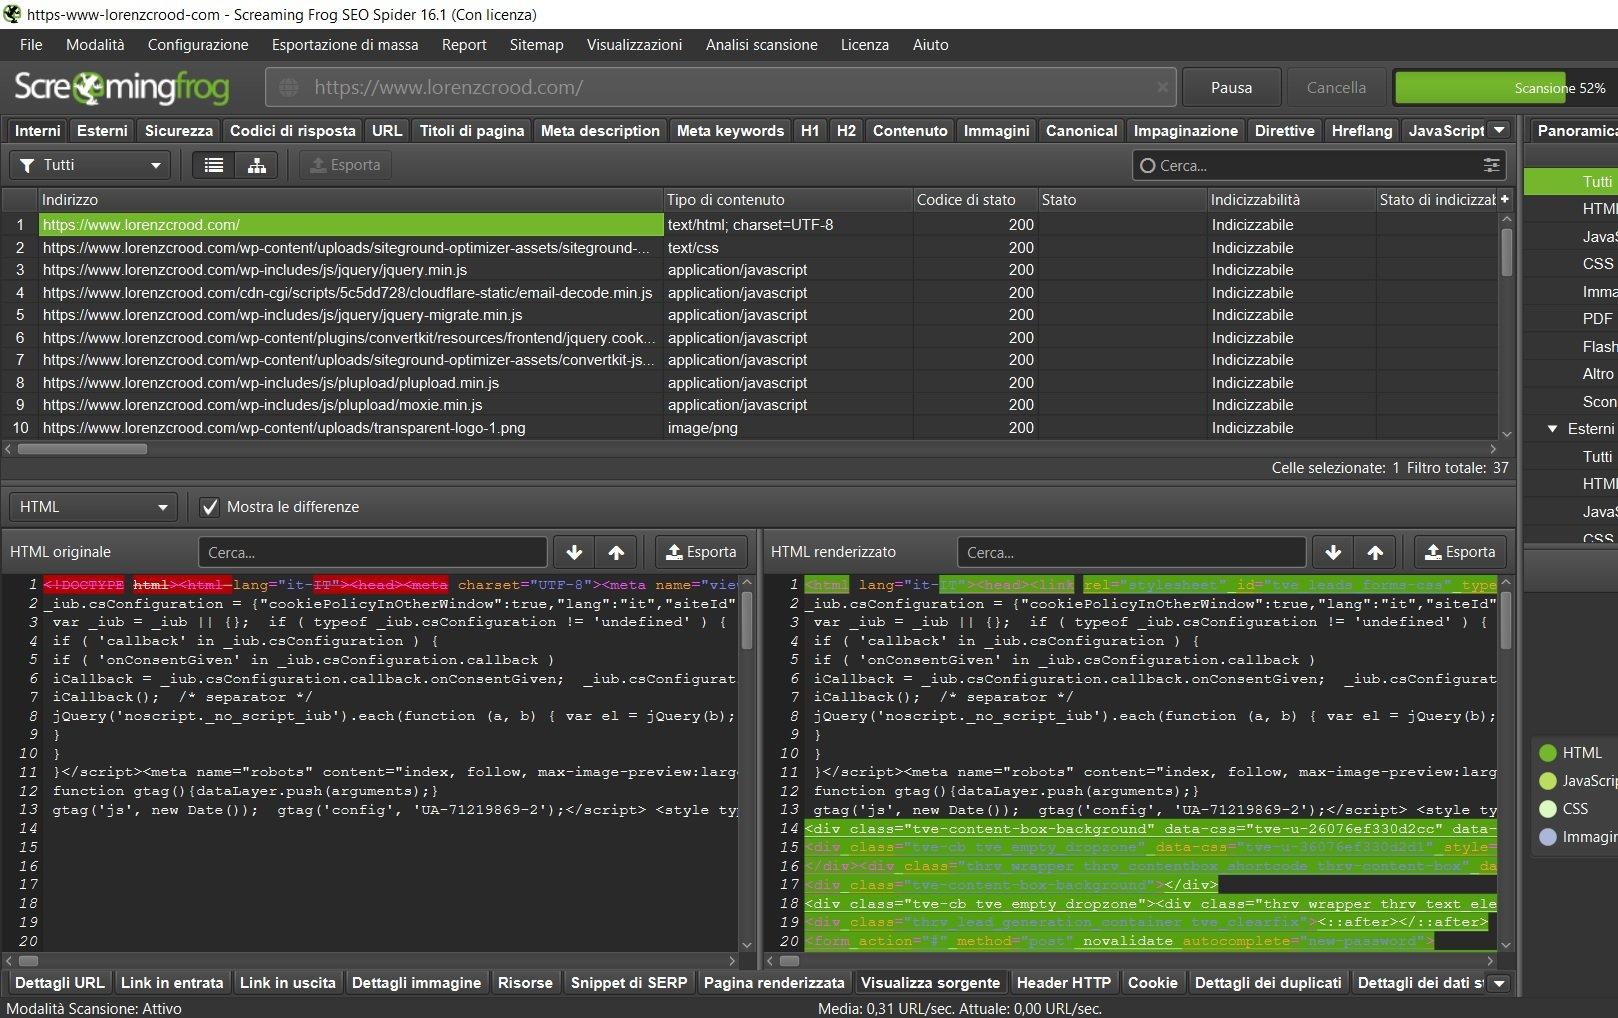 pagina renderizzata codice html